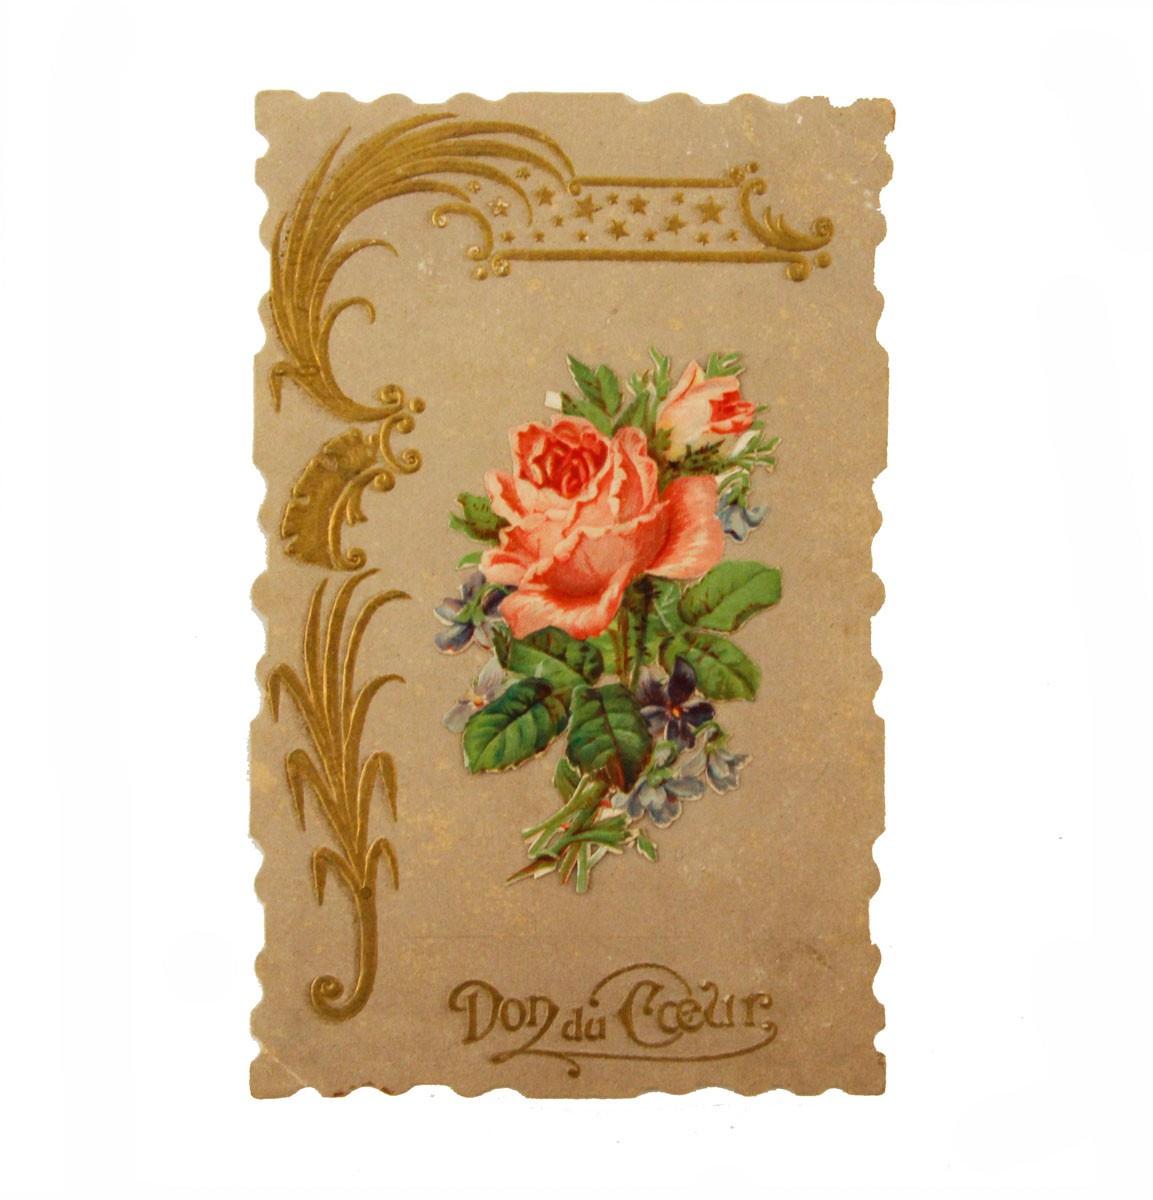 Открытка коллекционная винтажная, ОС33403 открытка коллекционная винтажная ос33456